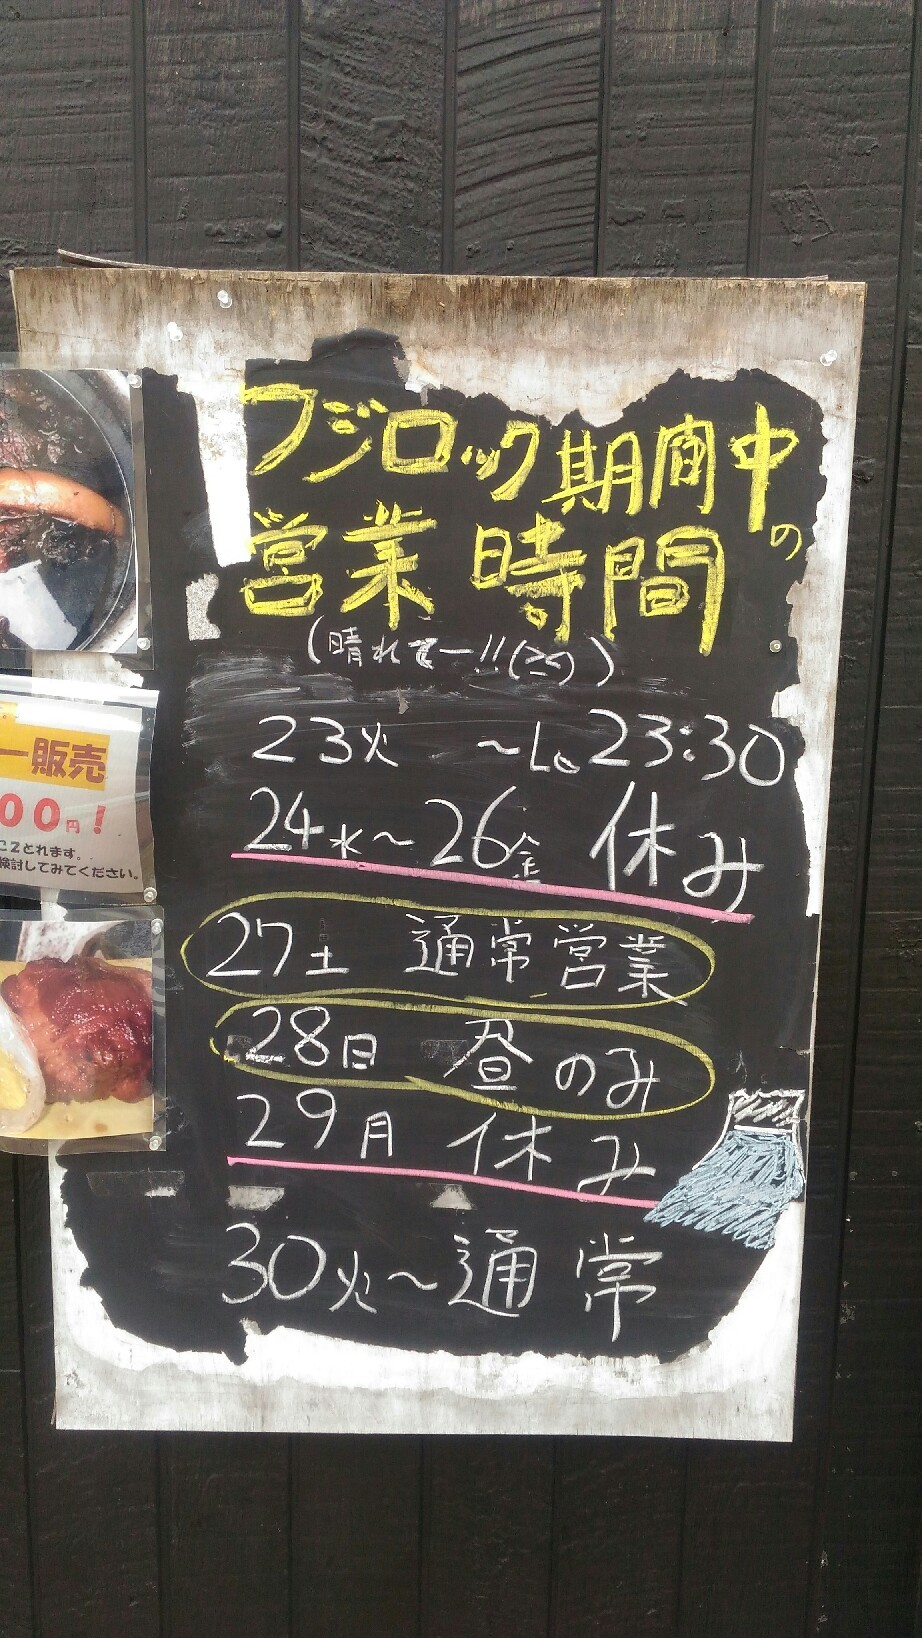 【自家製麺ほんわか】フジロック出店による営業時間の変更_d0021932_10162255.jpg